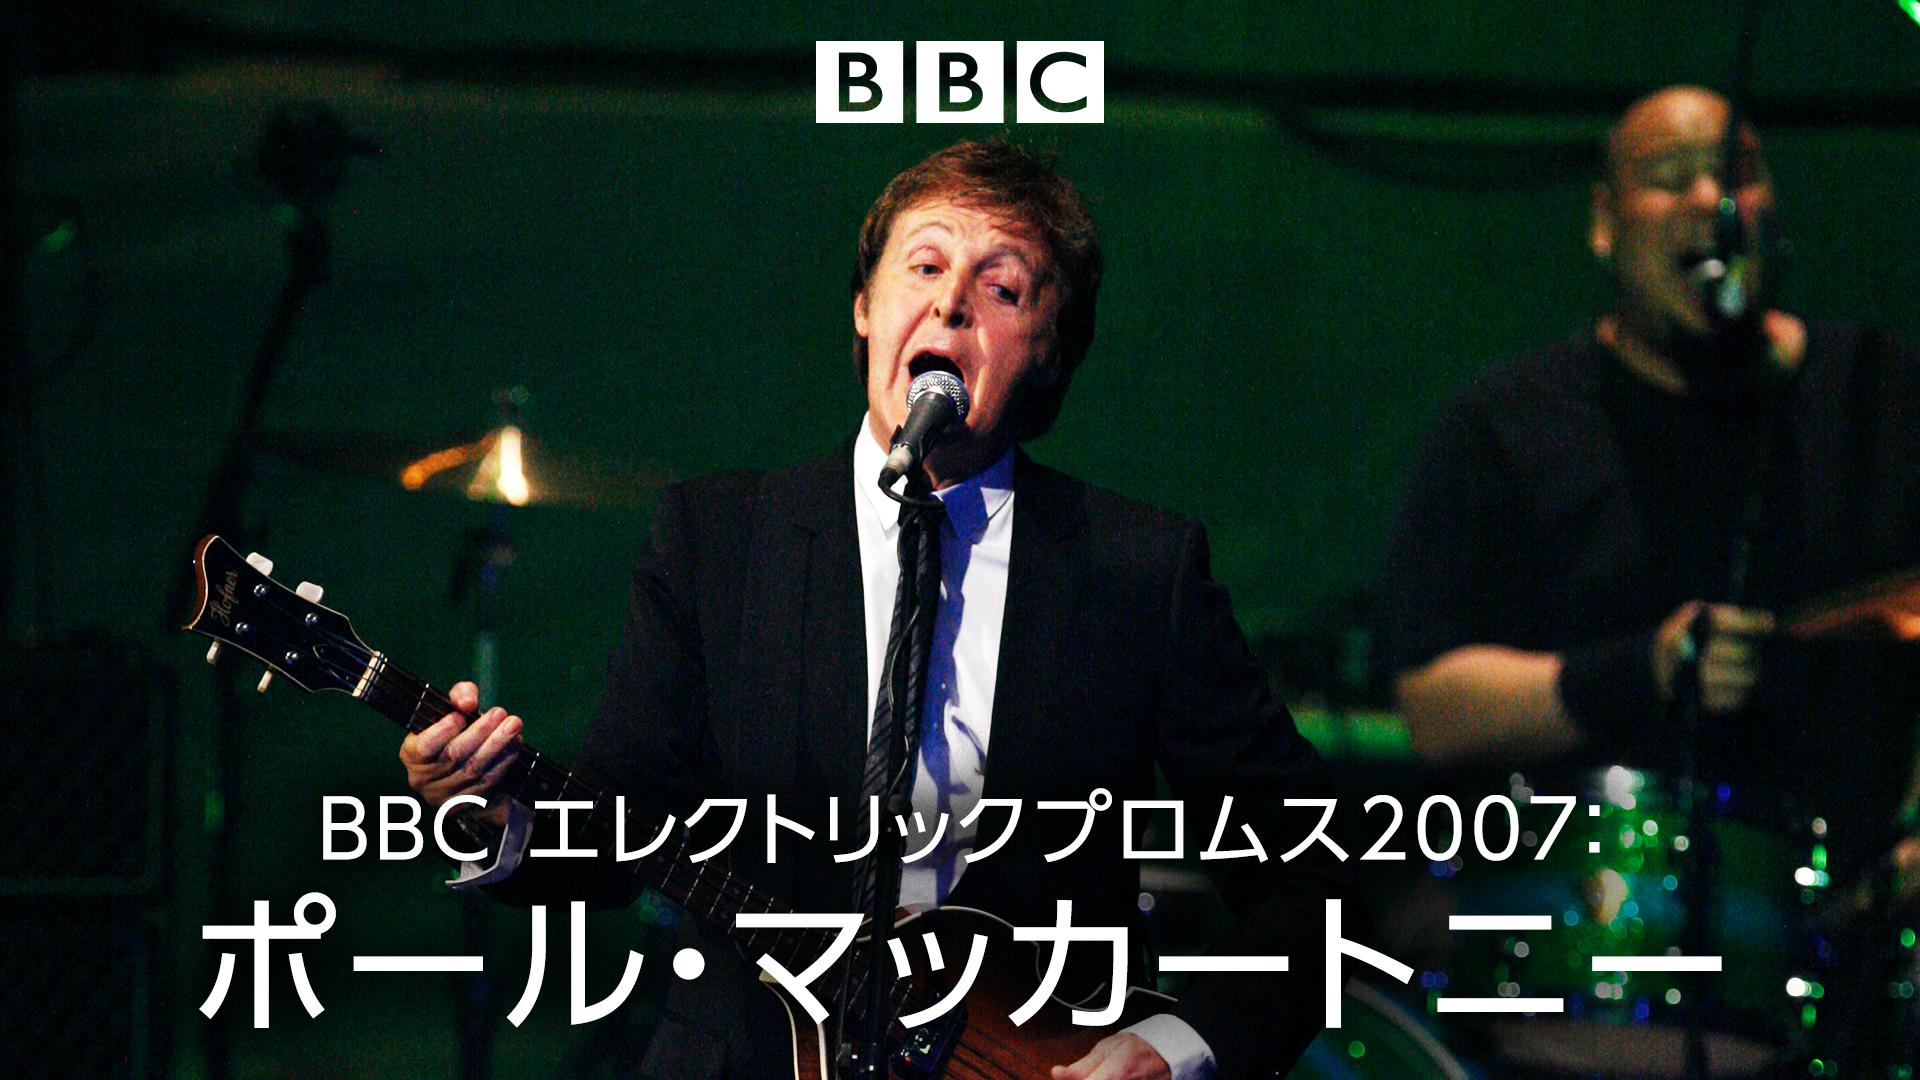 BBC エレクトリックプロムス2007:ポール・マッカートニー